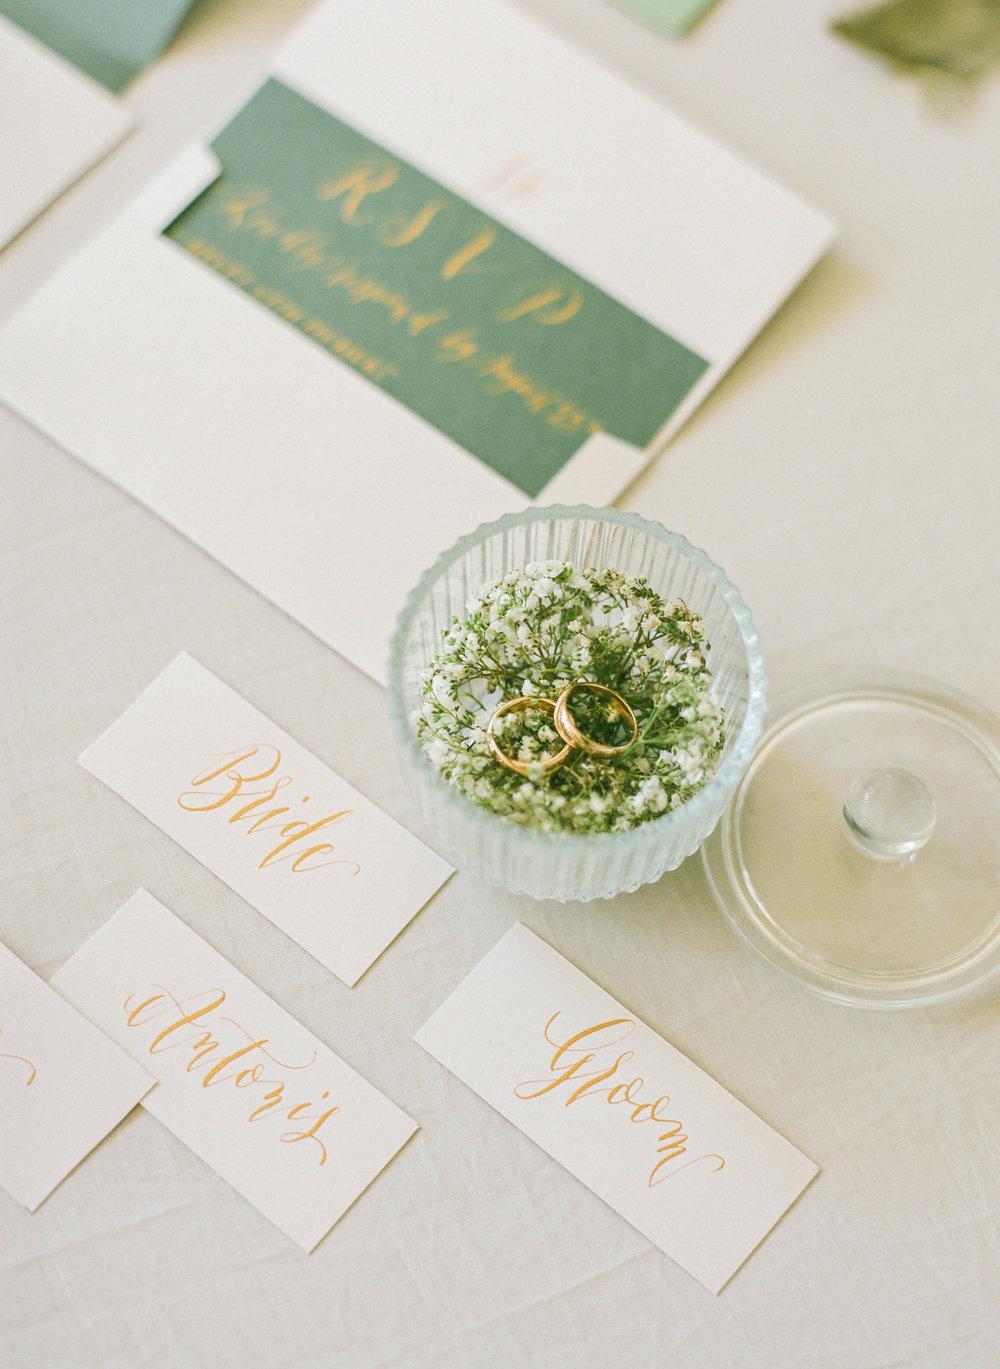 wedding suite di Beautiful Letter, anelli di D&D Artigiano Orafo